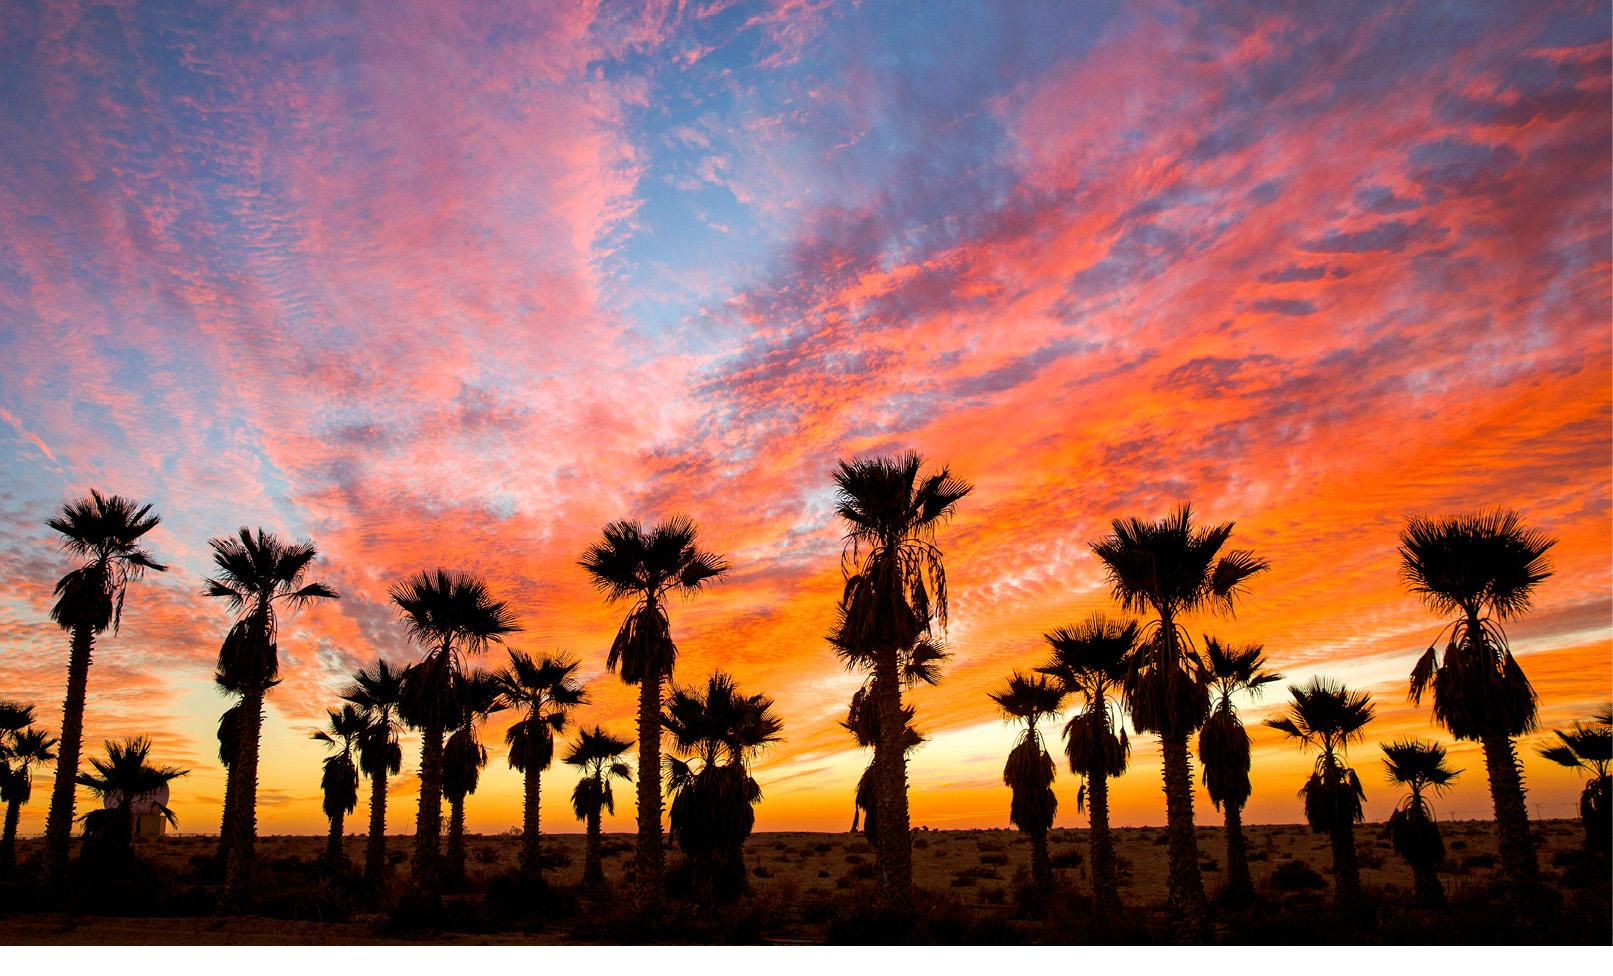 O pôr do sol atrás das palmeiras perto de Mifrasit, no deserto do Negev, perto da fronteira israelo-egípcia, 03 de janeiro de 2018. EPA / JIM HOLLANDER